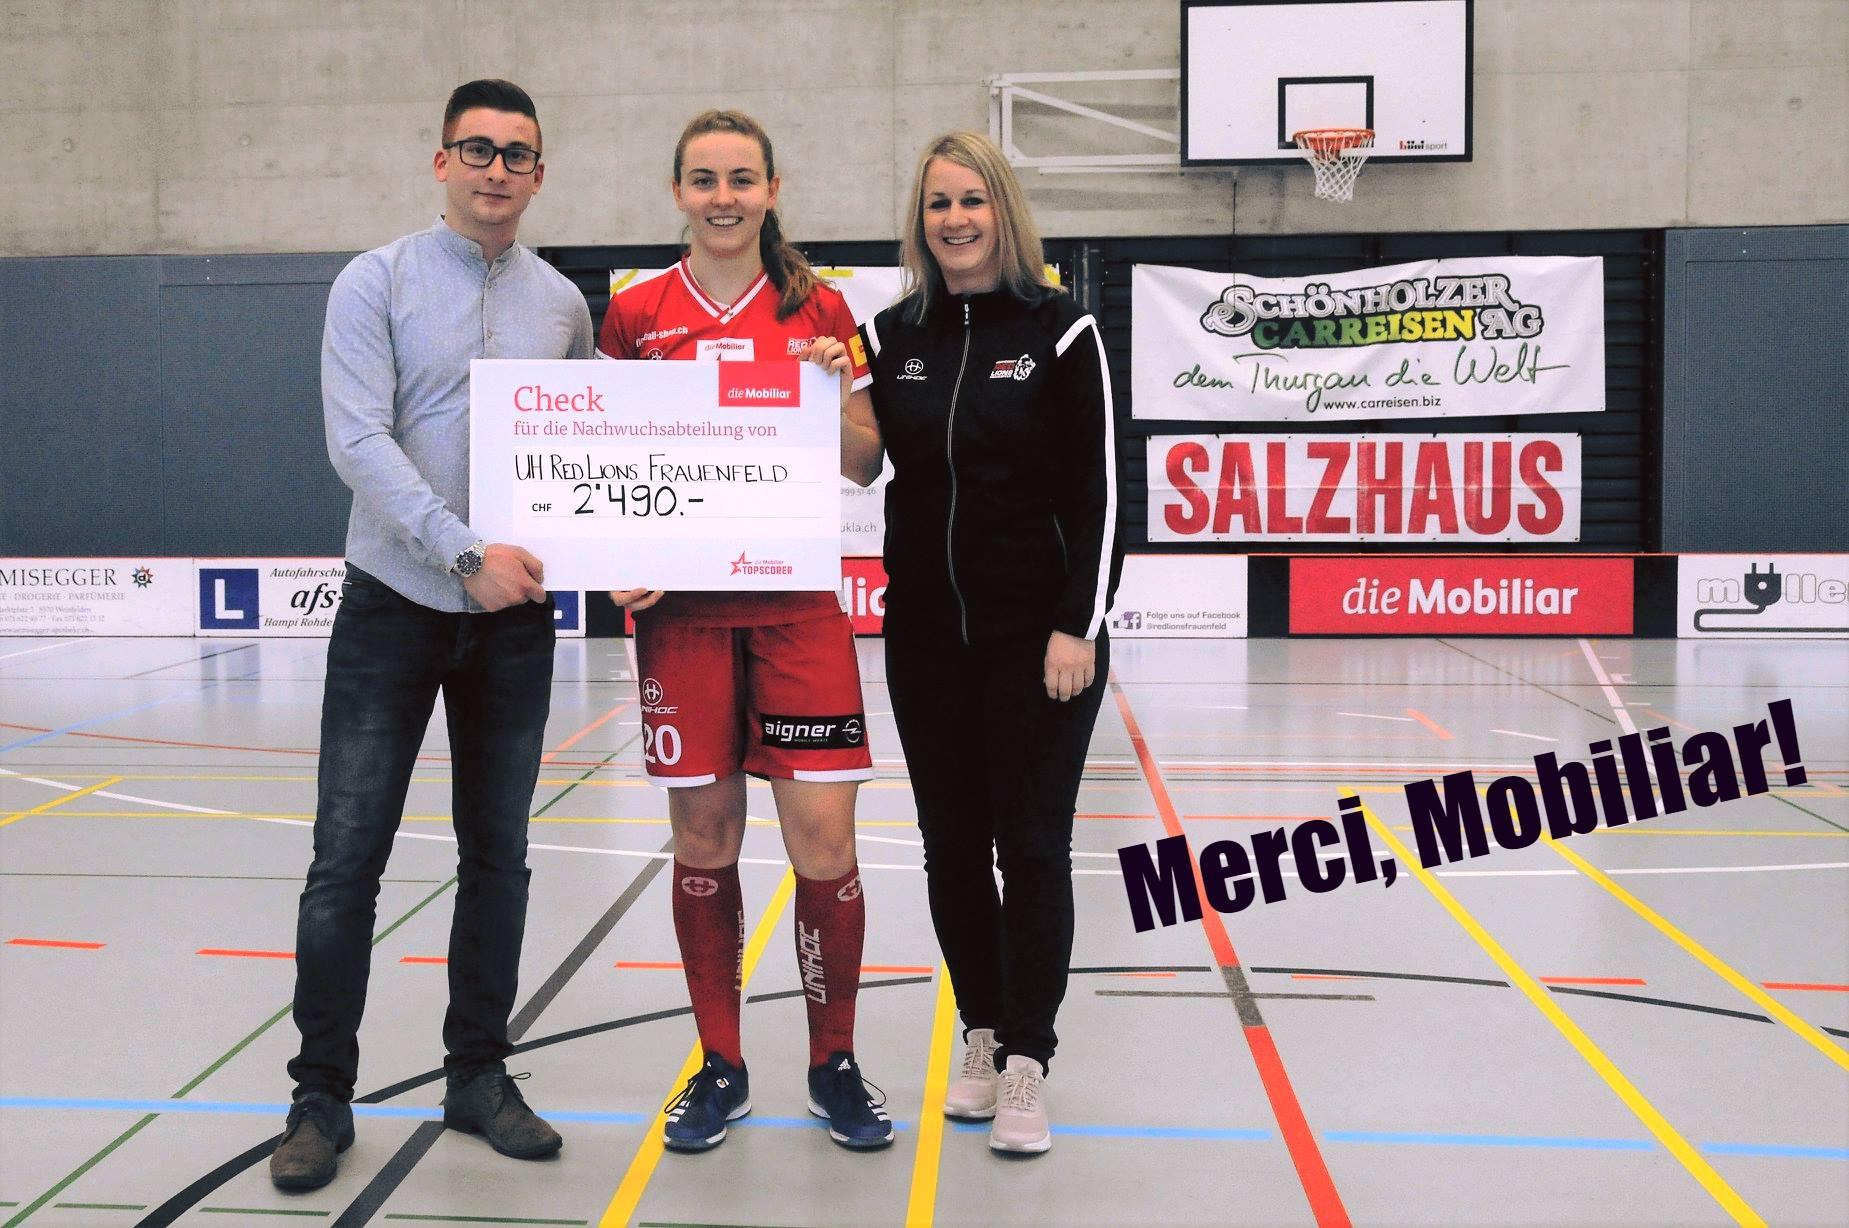 Mobiliar-Topscorerin Carola Kuhn und die damalige Sportchefin Diana Schönwetter; links: Chiaro Tomaselli, Mobiliaragentur Frauenfeld